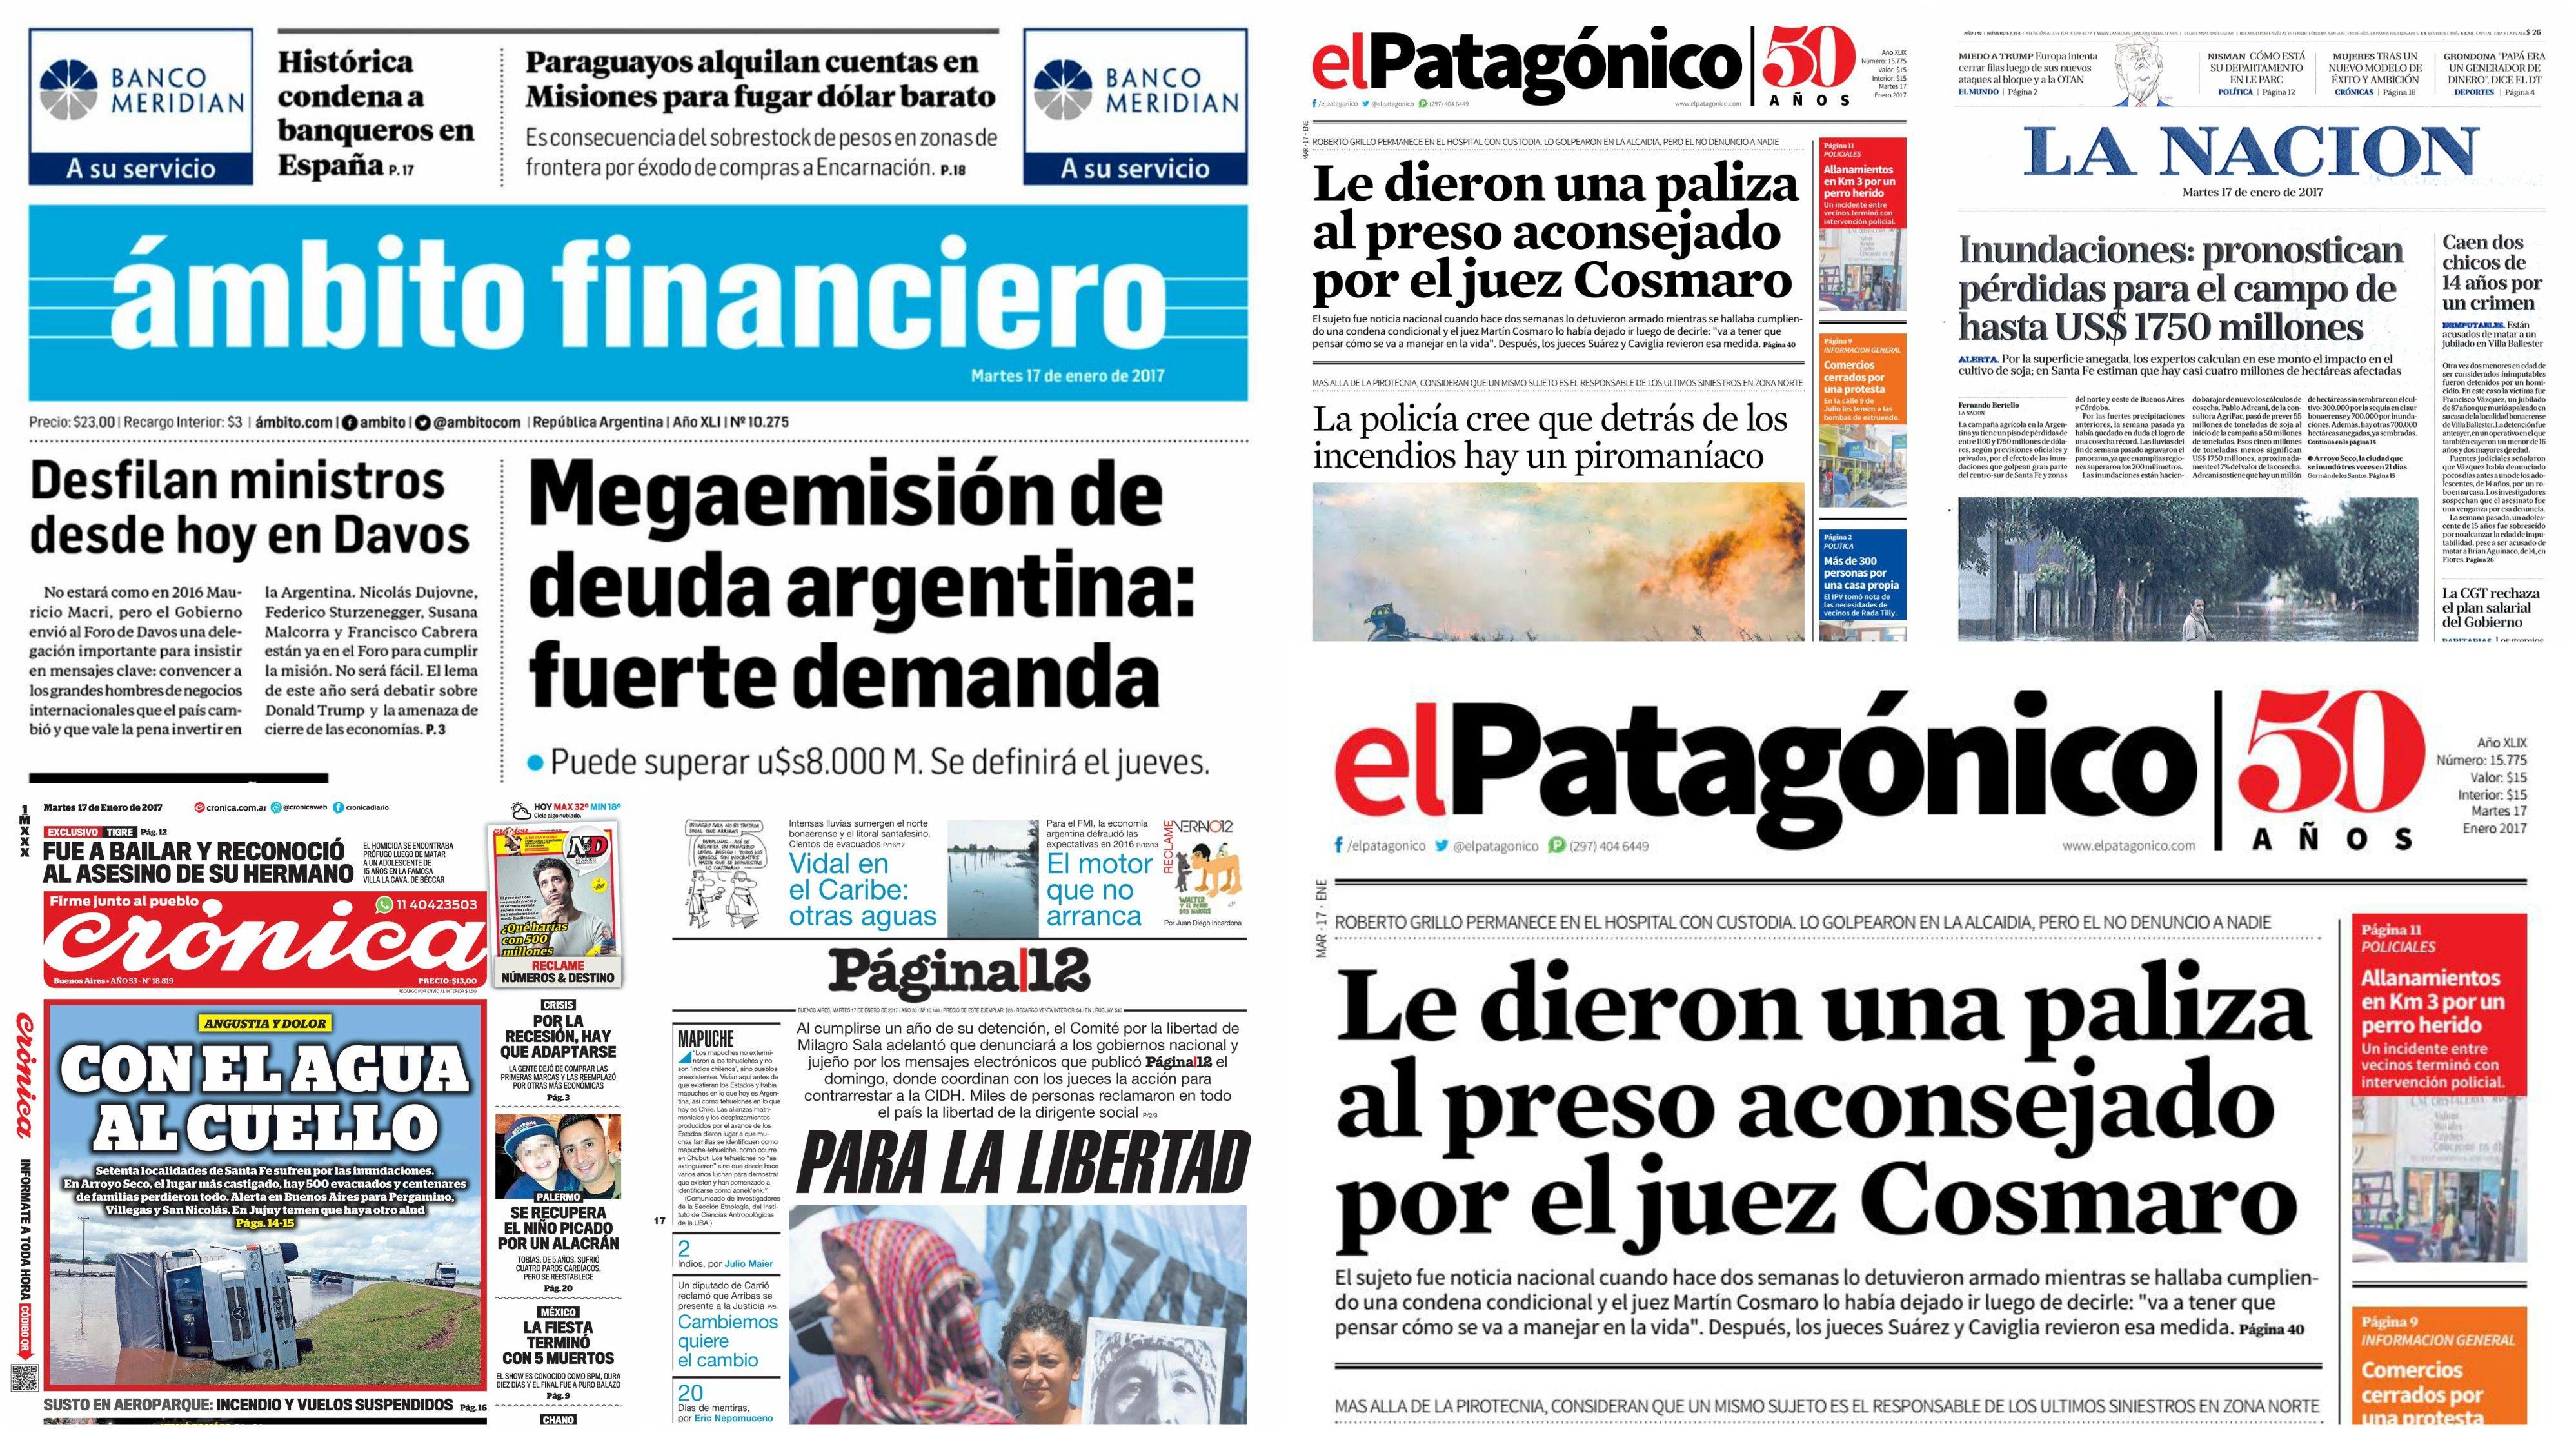 Tapas de diarios del martes 17 de enero de 2017